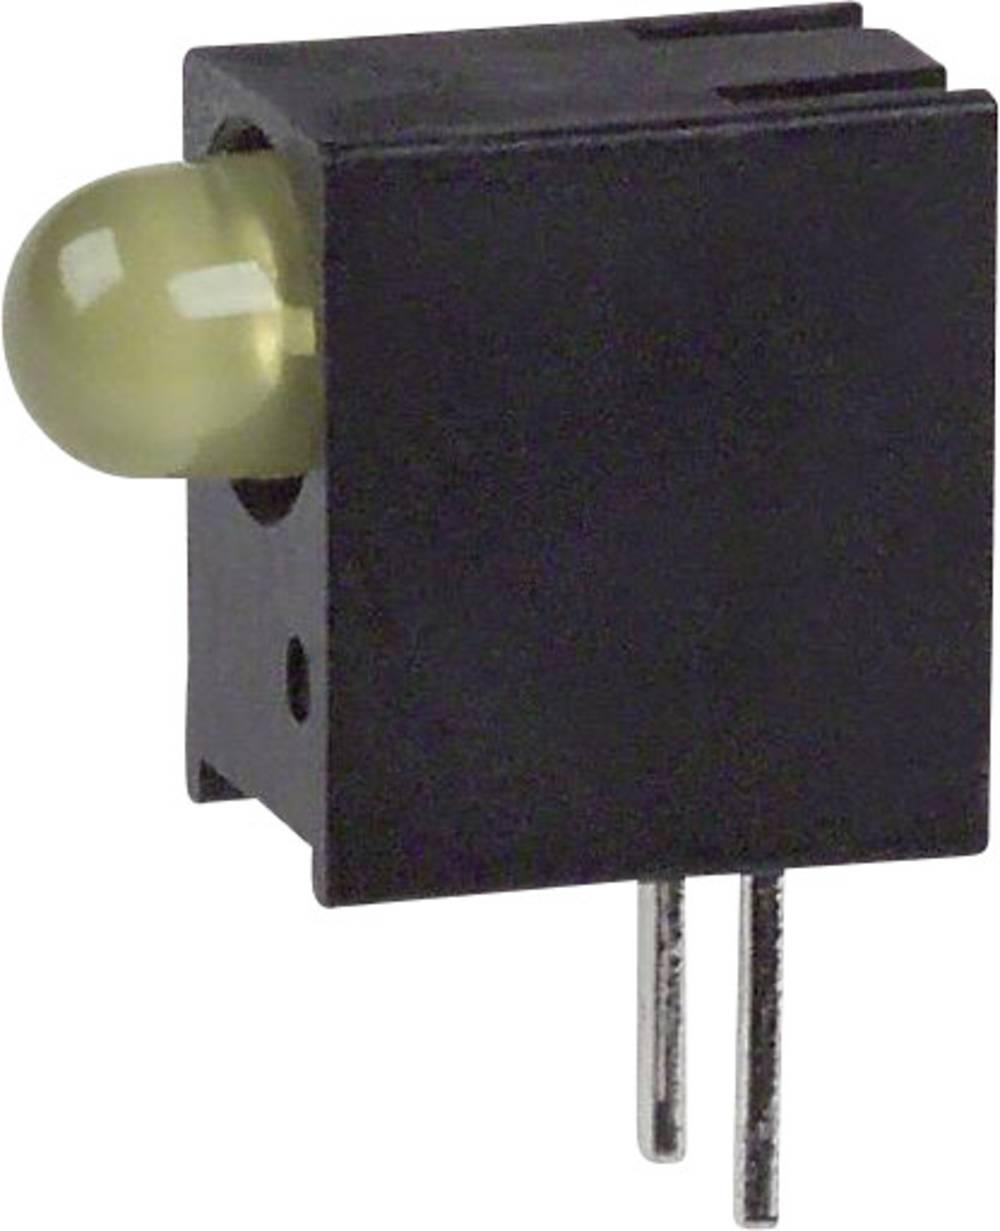 LED-komponent Dialight (L x B x H) 10.78 x 8.89 x 4.32 mm Gul